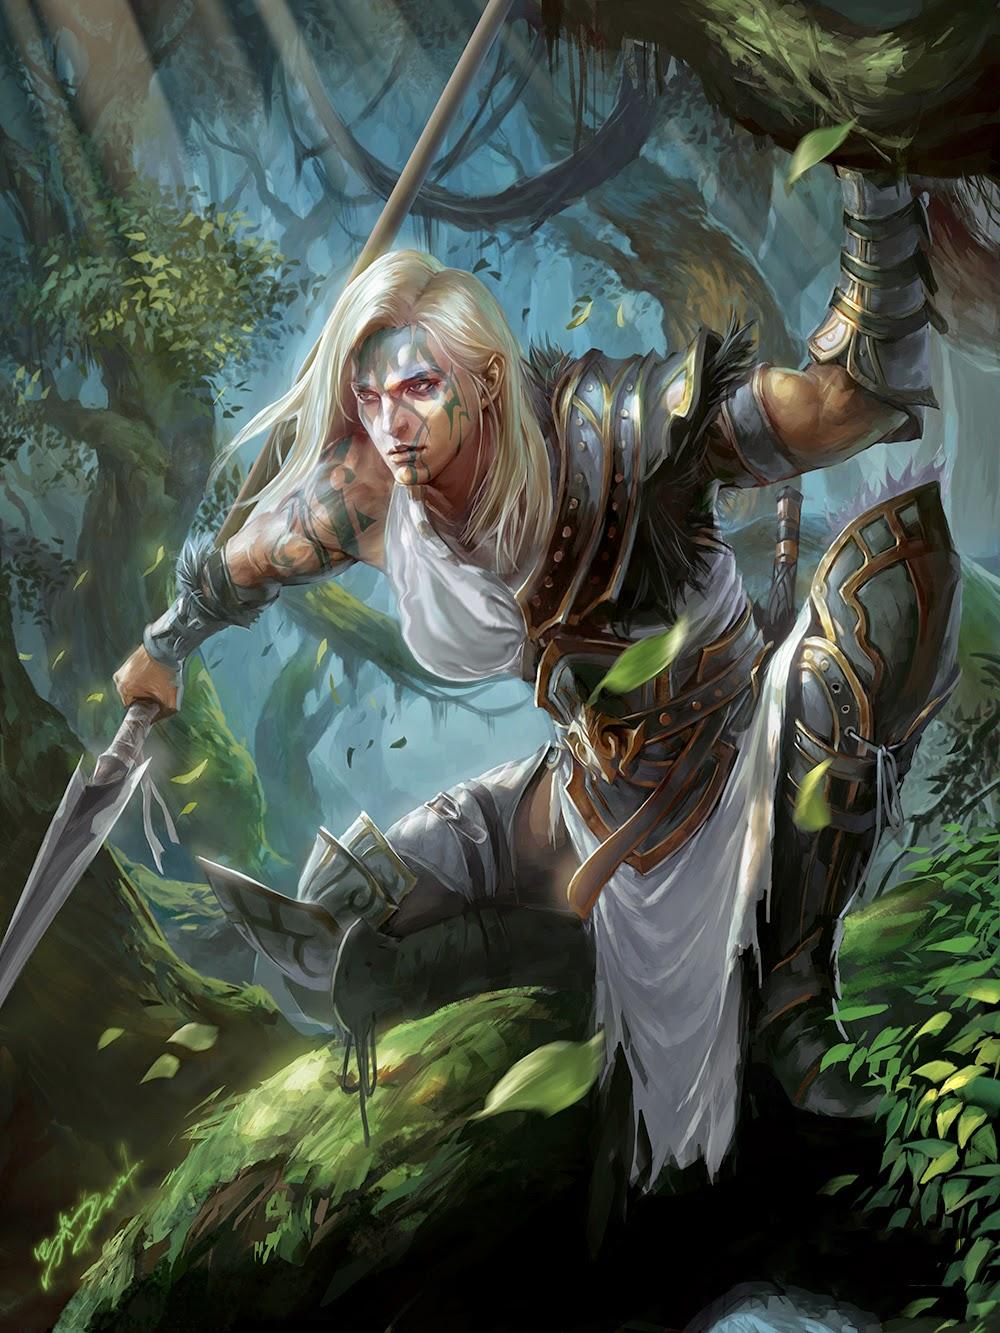 Dark elves vs goblins - 5 1